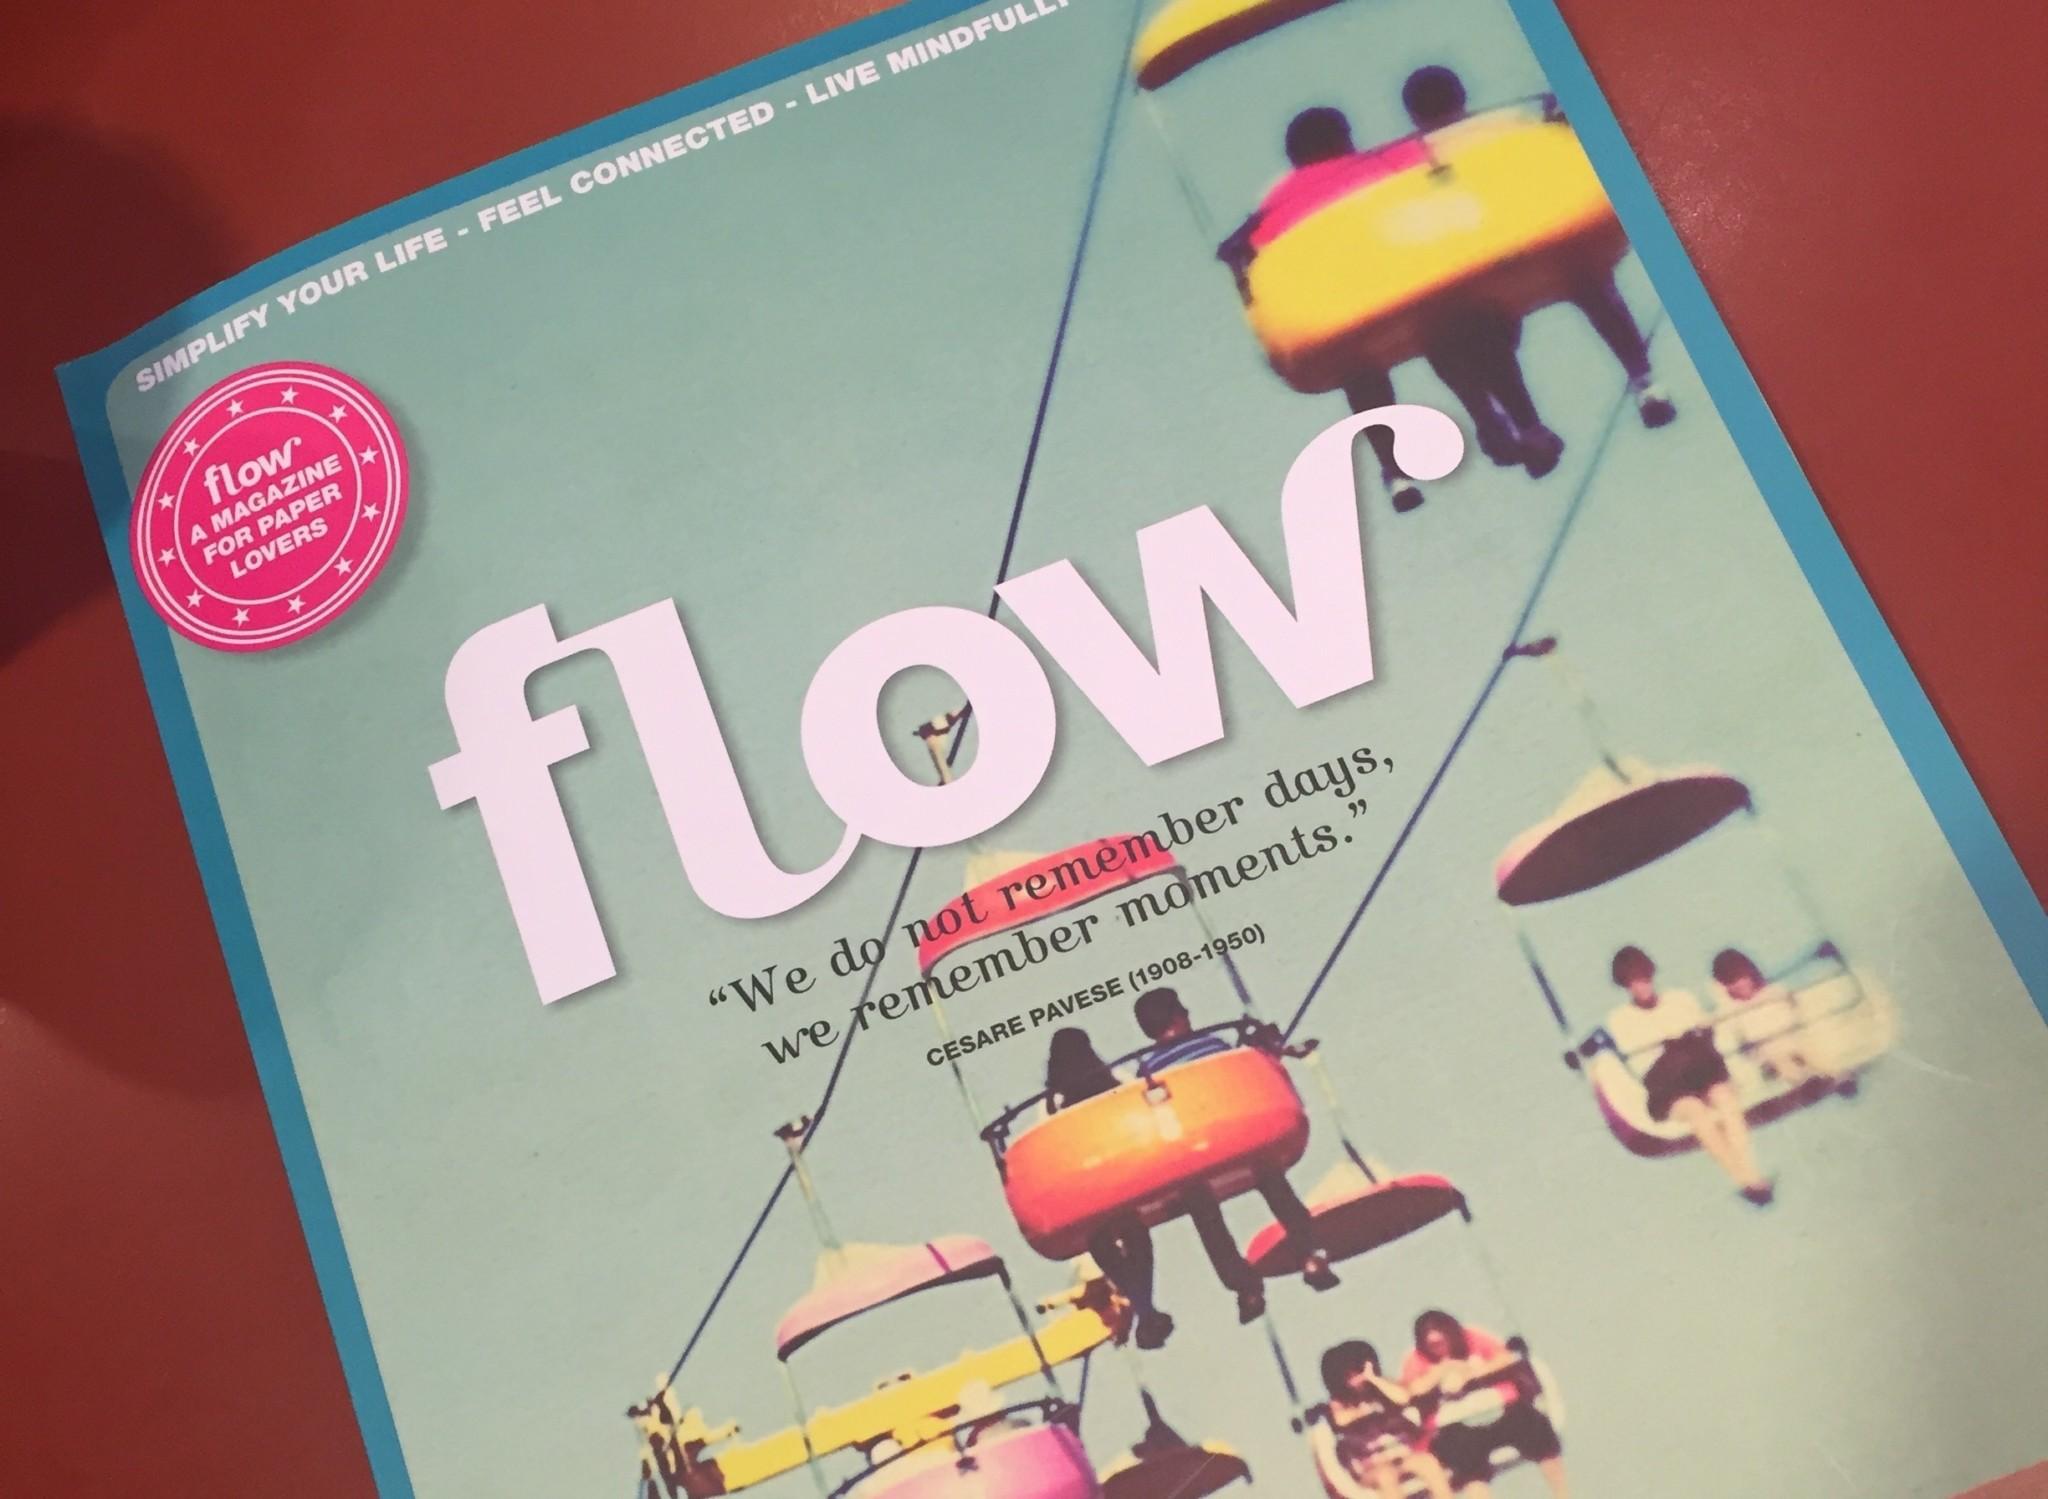 オランダの雑誌『FLOW』ではジョン・カバット・ジン教授の特集記事が。ディープな真剣記事ながら、レイアウトも写真もポップで見せ方が上手い!